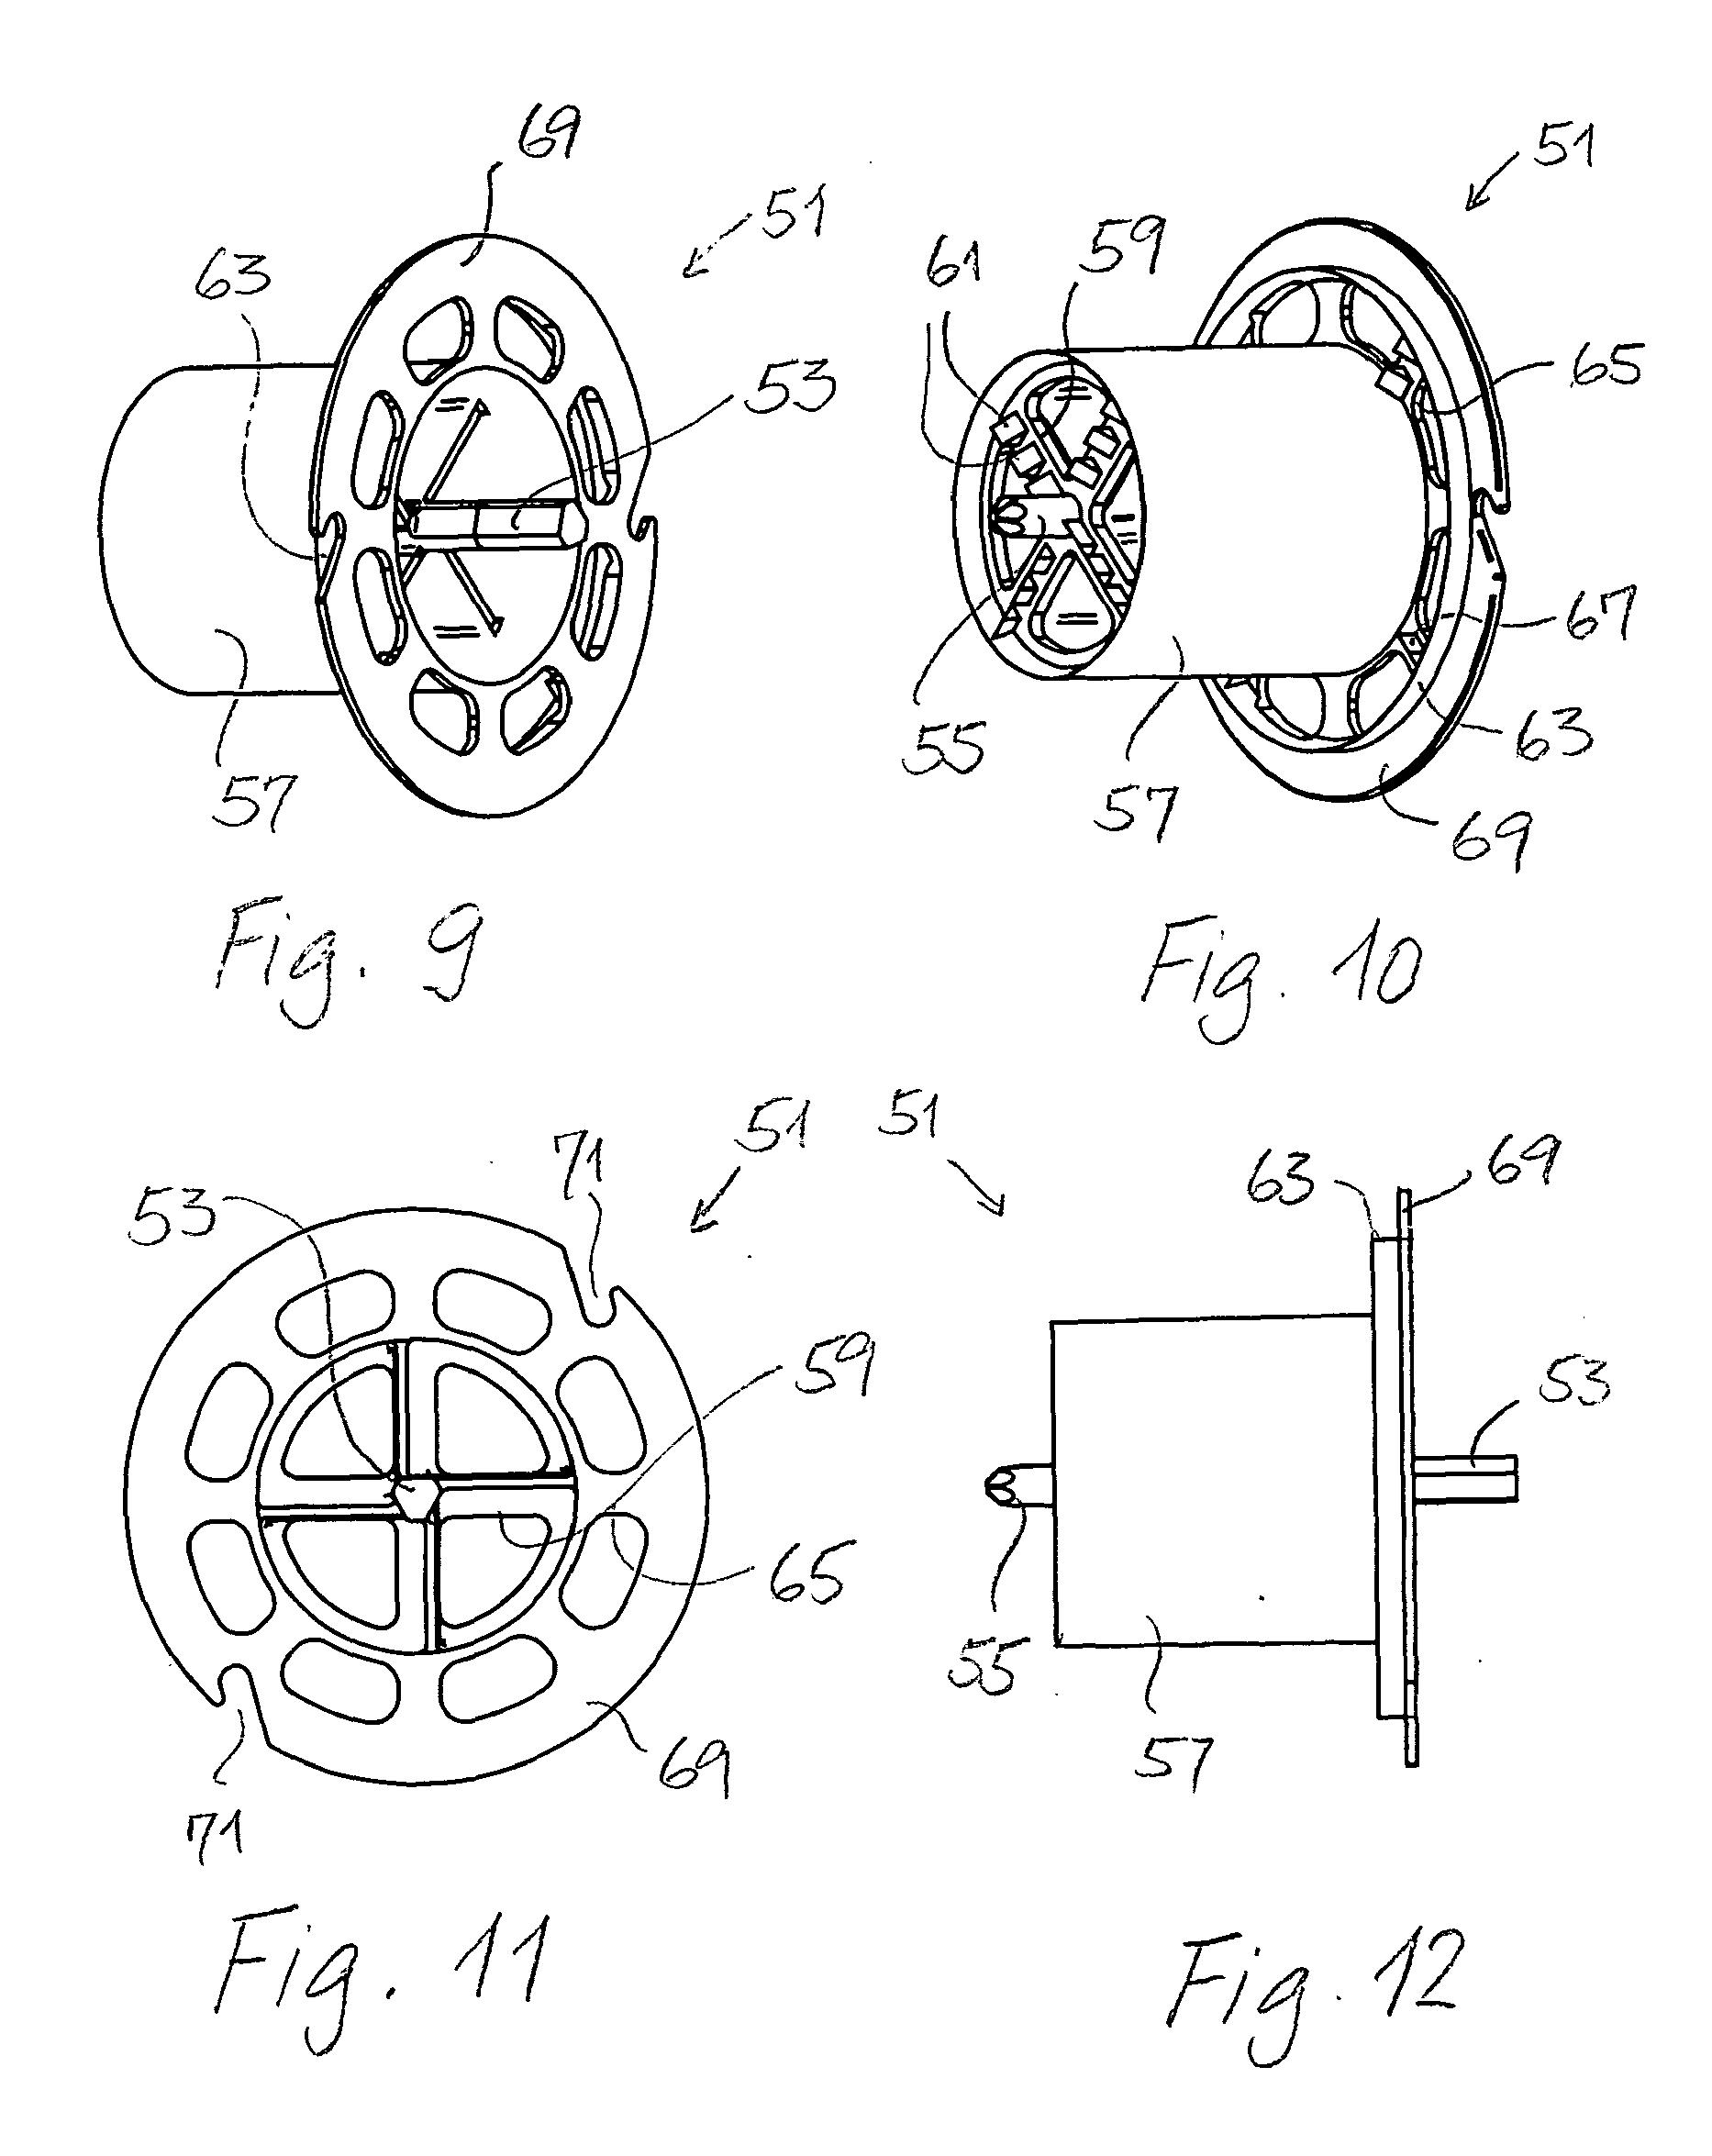 patent ep1983628a2 elektro leerdose und verfahren zum anordnen einer elektro leerdose in einer. Black Bedroom Furniture Sets. Home Design Ideas